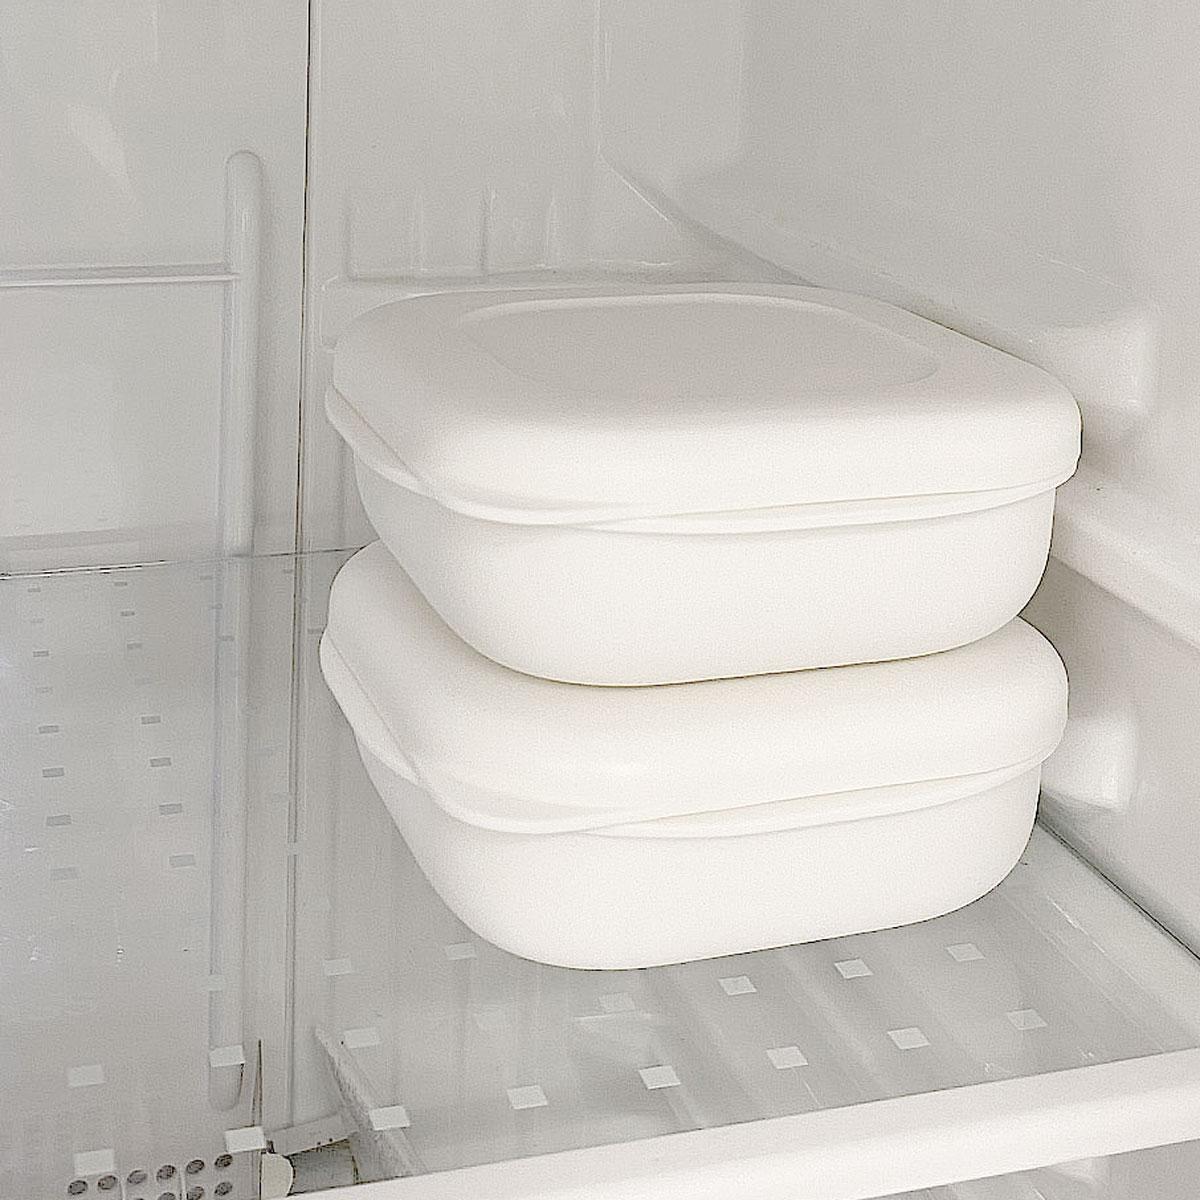 極冷凍ごはん容器2個入り K748